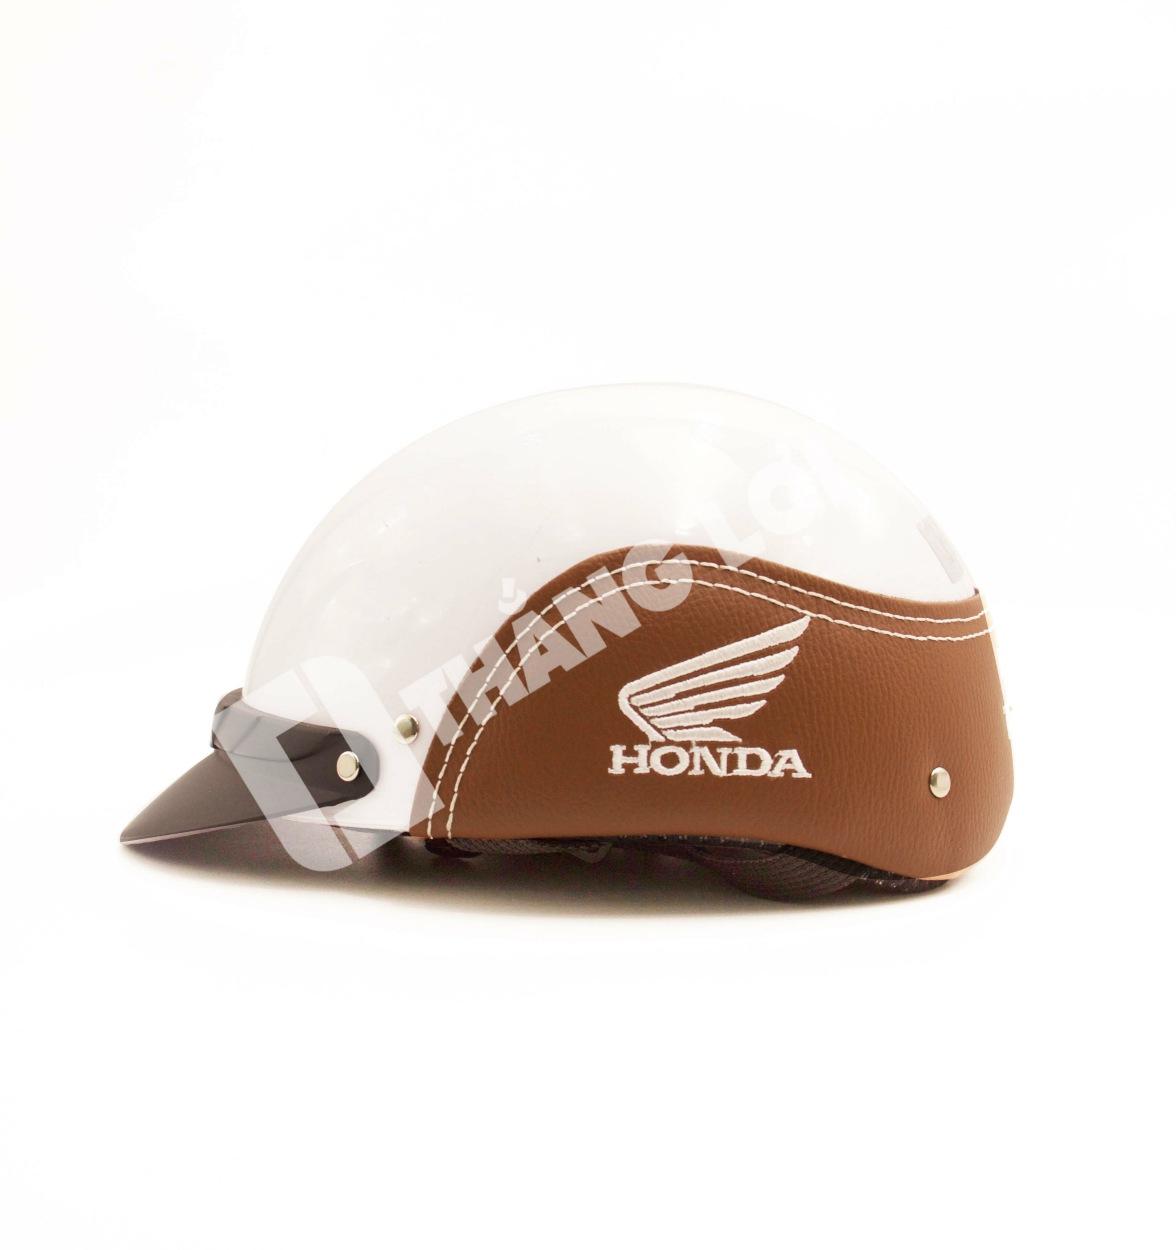 Đặc trưng nổi bật của nón bảo hiểm nửa đầu ốp da Honda